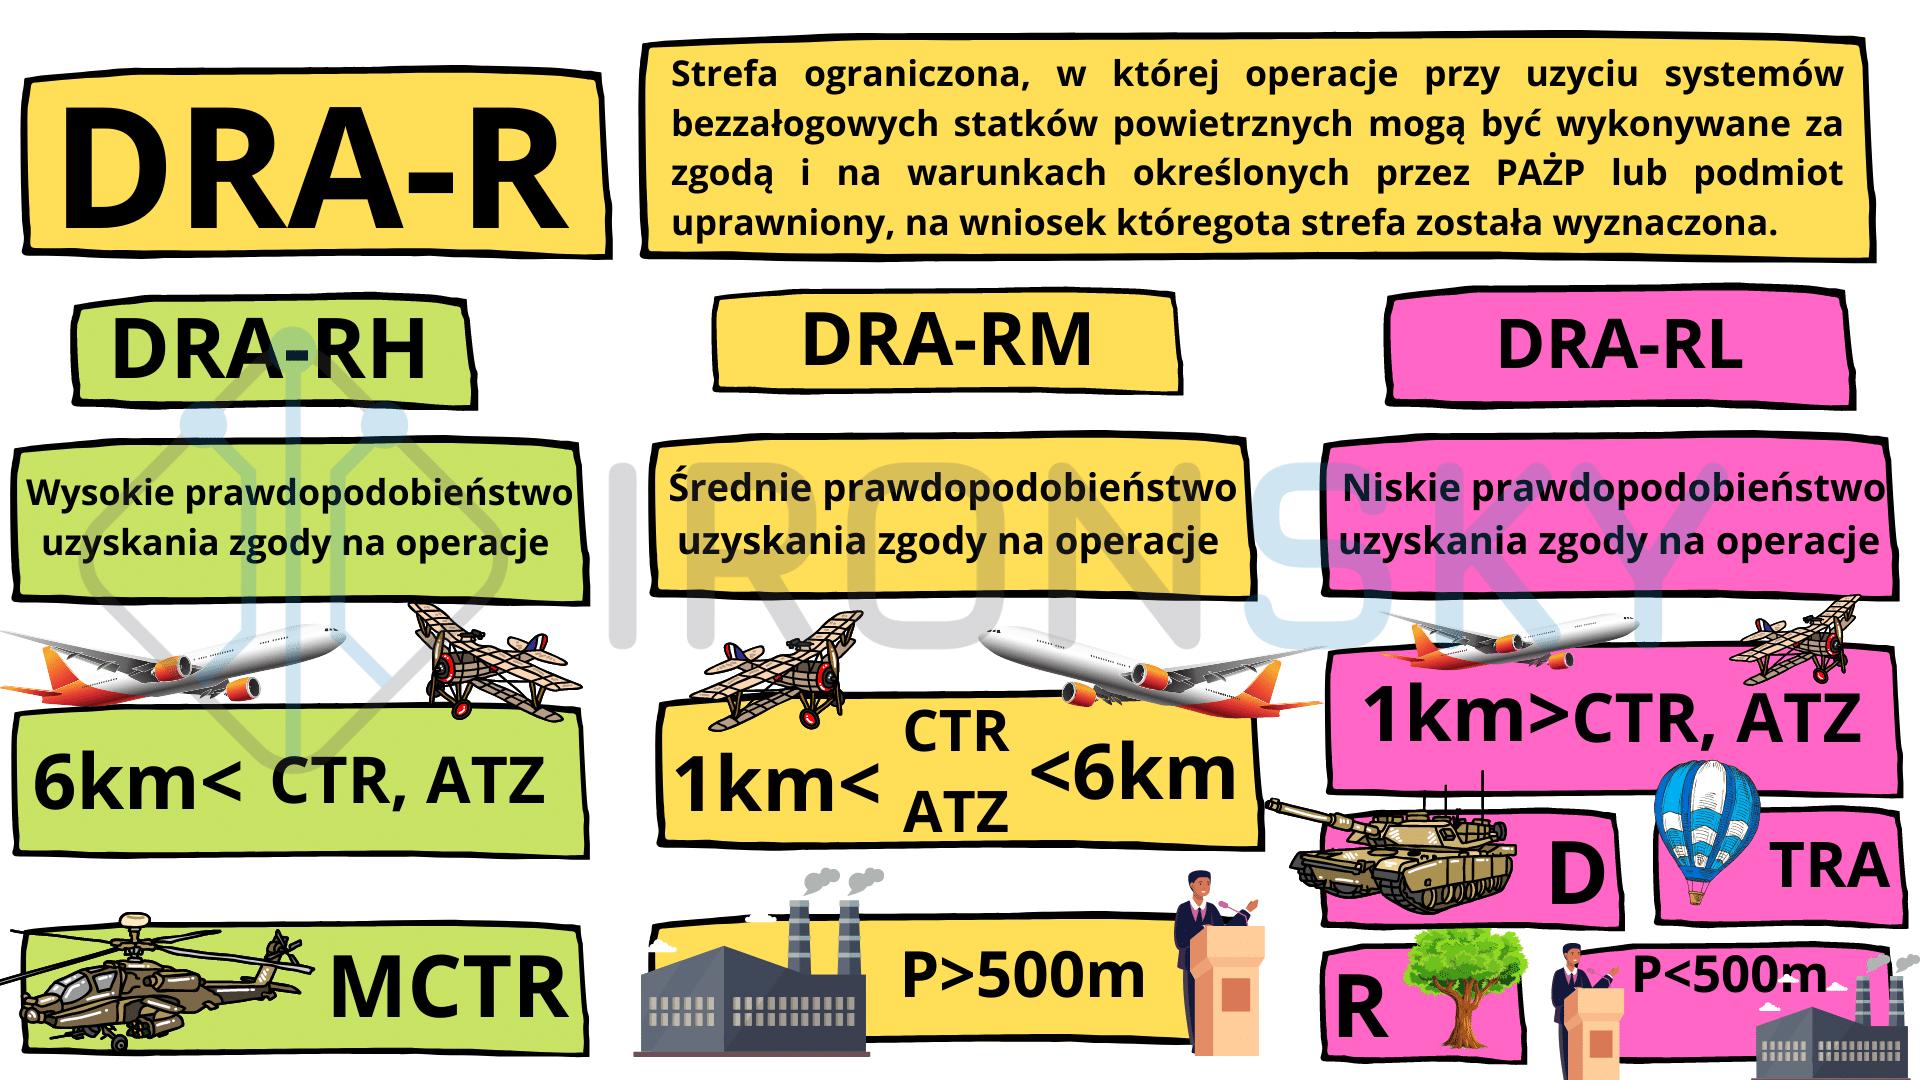 dra-r strefa ograniczona - infografika autorstwa ironsky.pl uznanego podmiotu przez ULC do szkoleń i egzaminowania pilotów dronów w Polsce